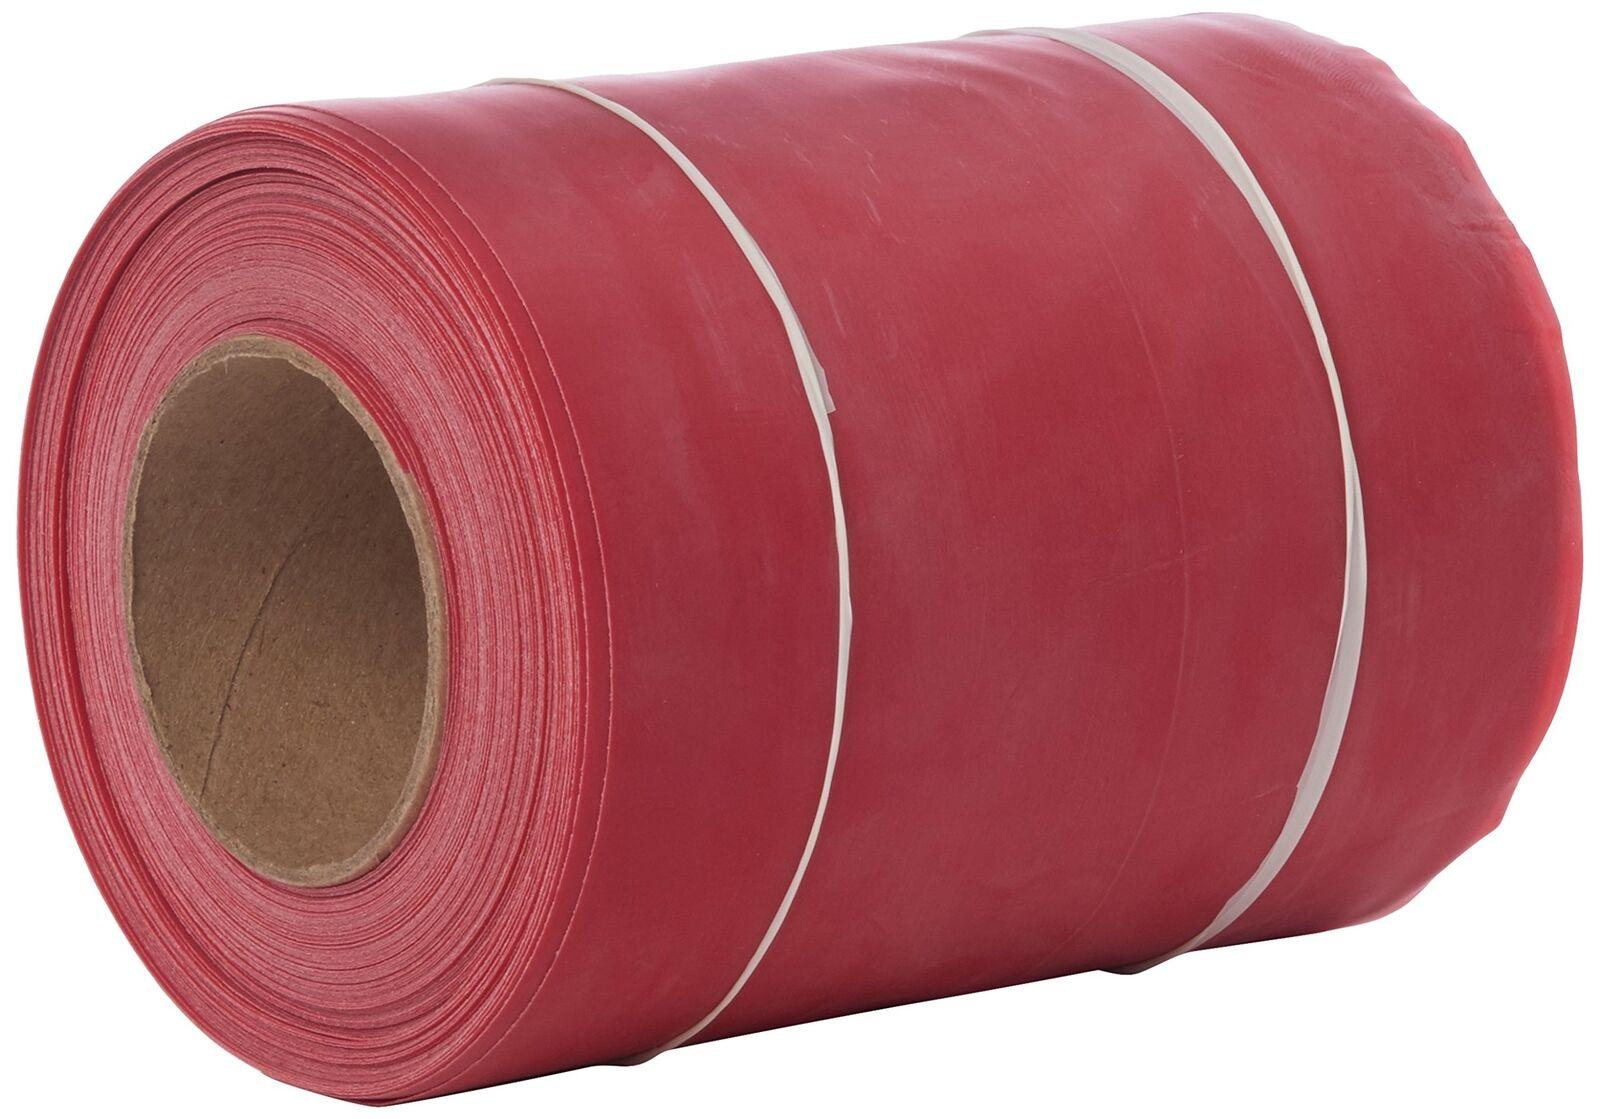 Rolyan Bande moyen de résistance d'alimentation Exercice Bande Rolyan 25 m-Rouge 4e5e39